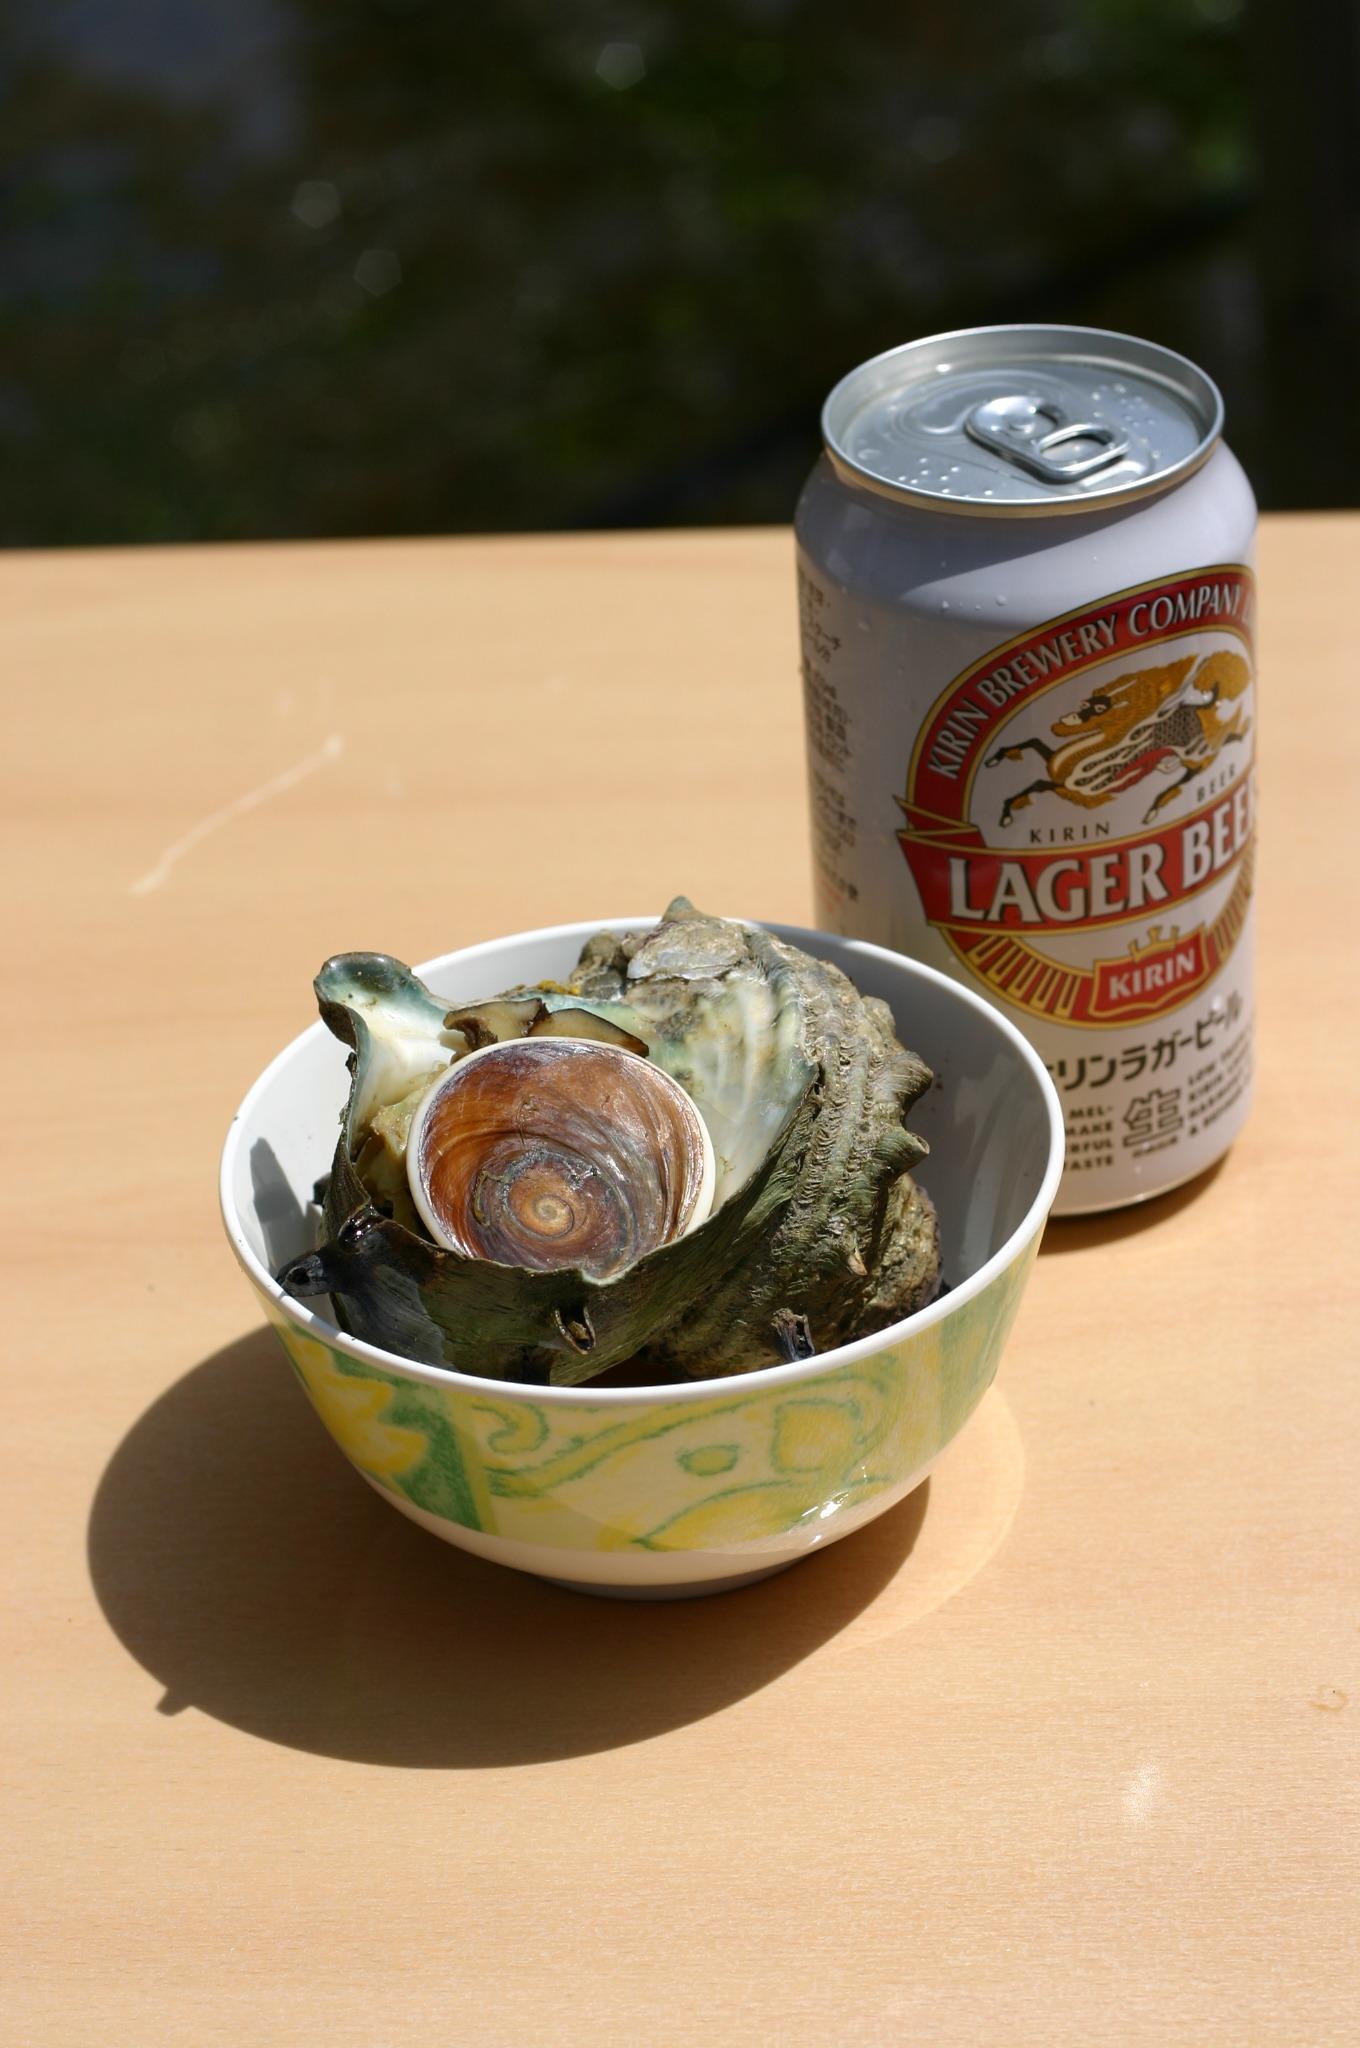 江ノ島でいただいたサザエとビール